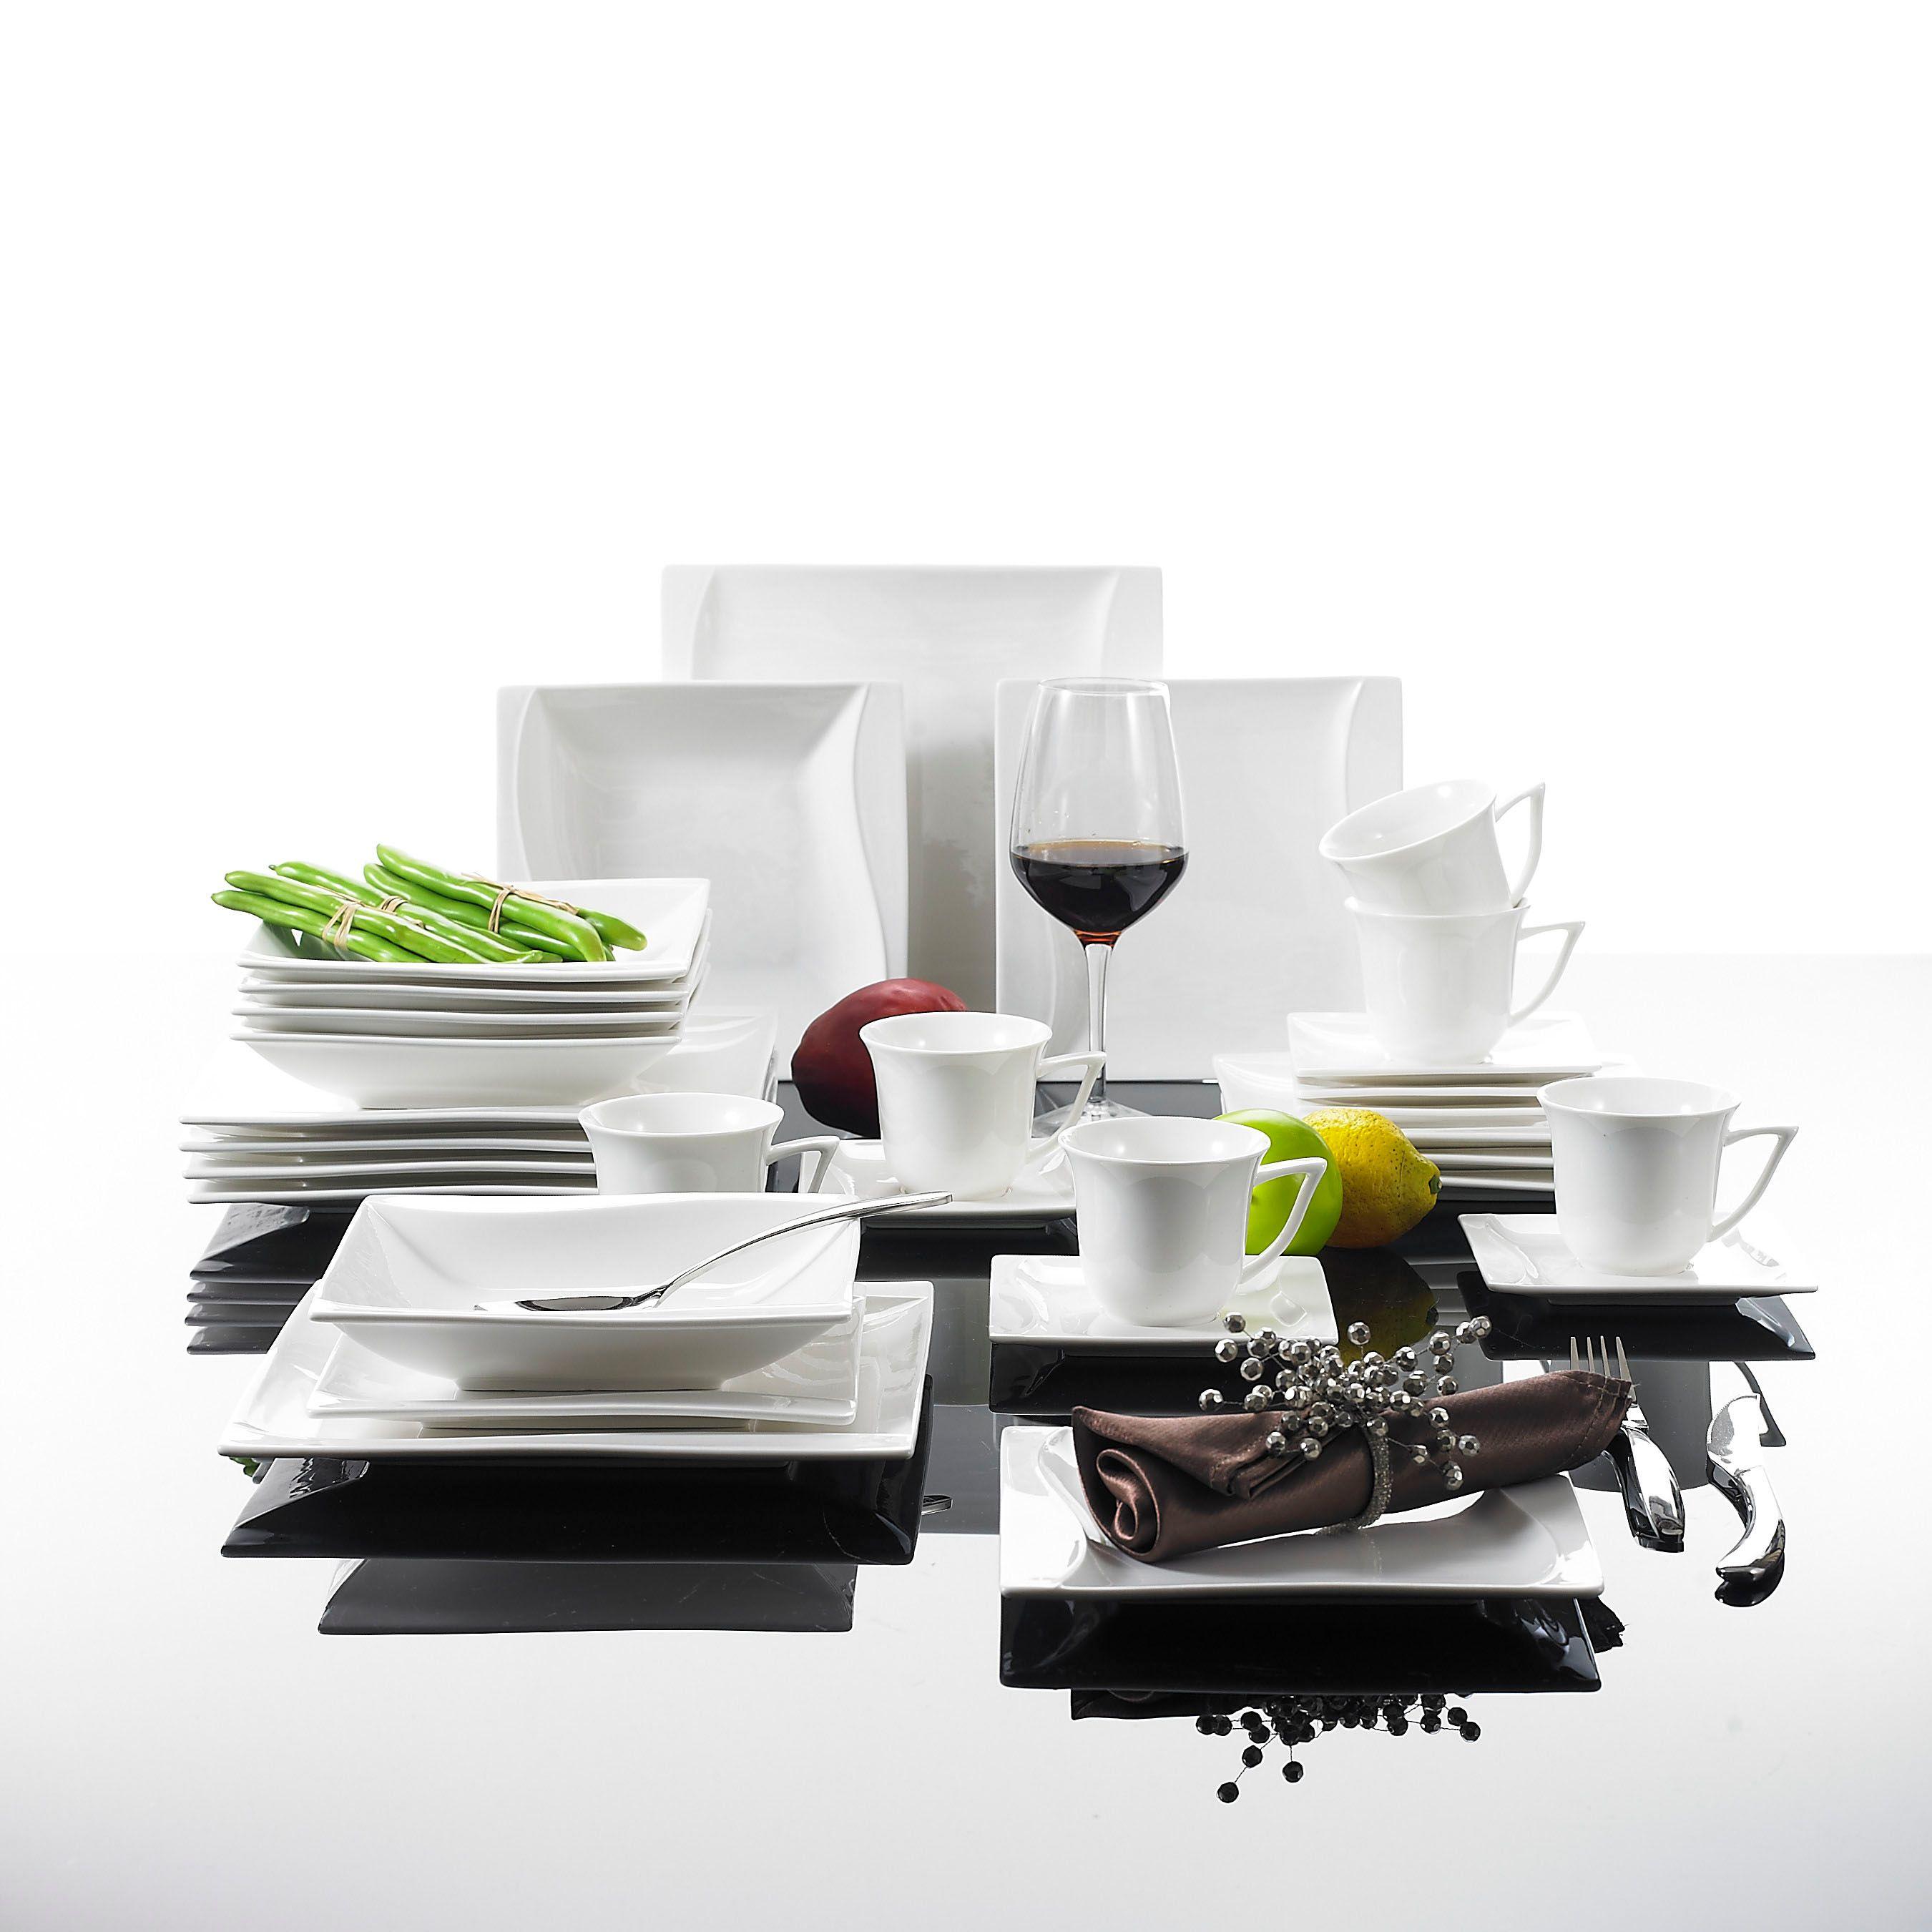 MALACASA Serie Carina 30 Stück Porzellan Abendessen Set mit 6 Tassen Untertassen Dessert Suppe Abendessen Platten Geschirr für 6 Person